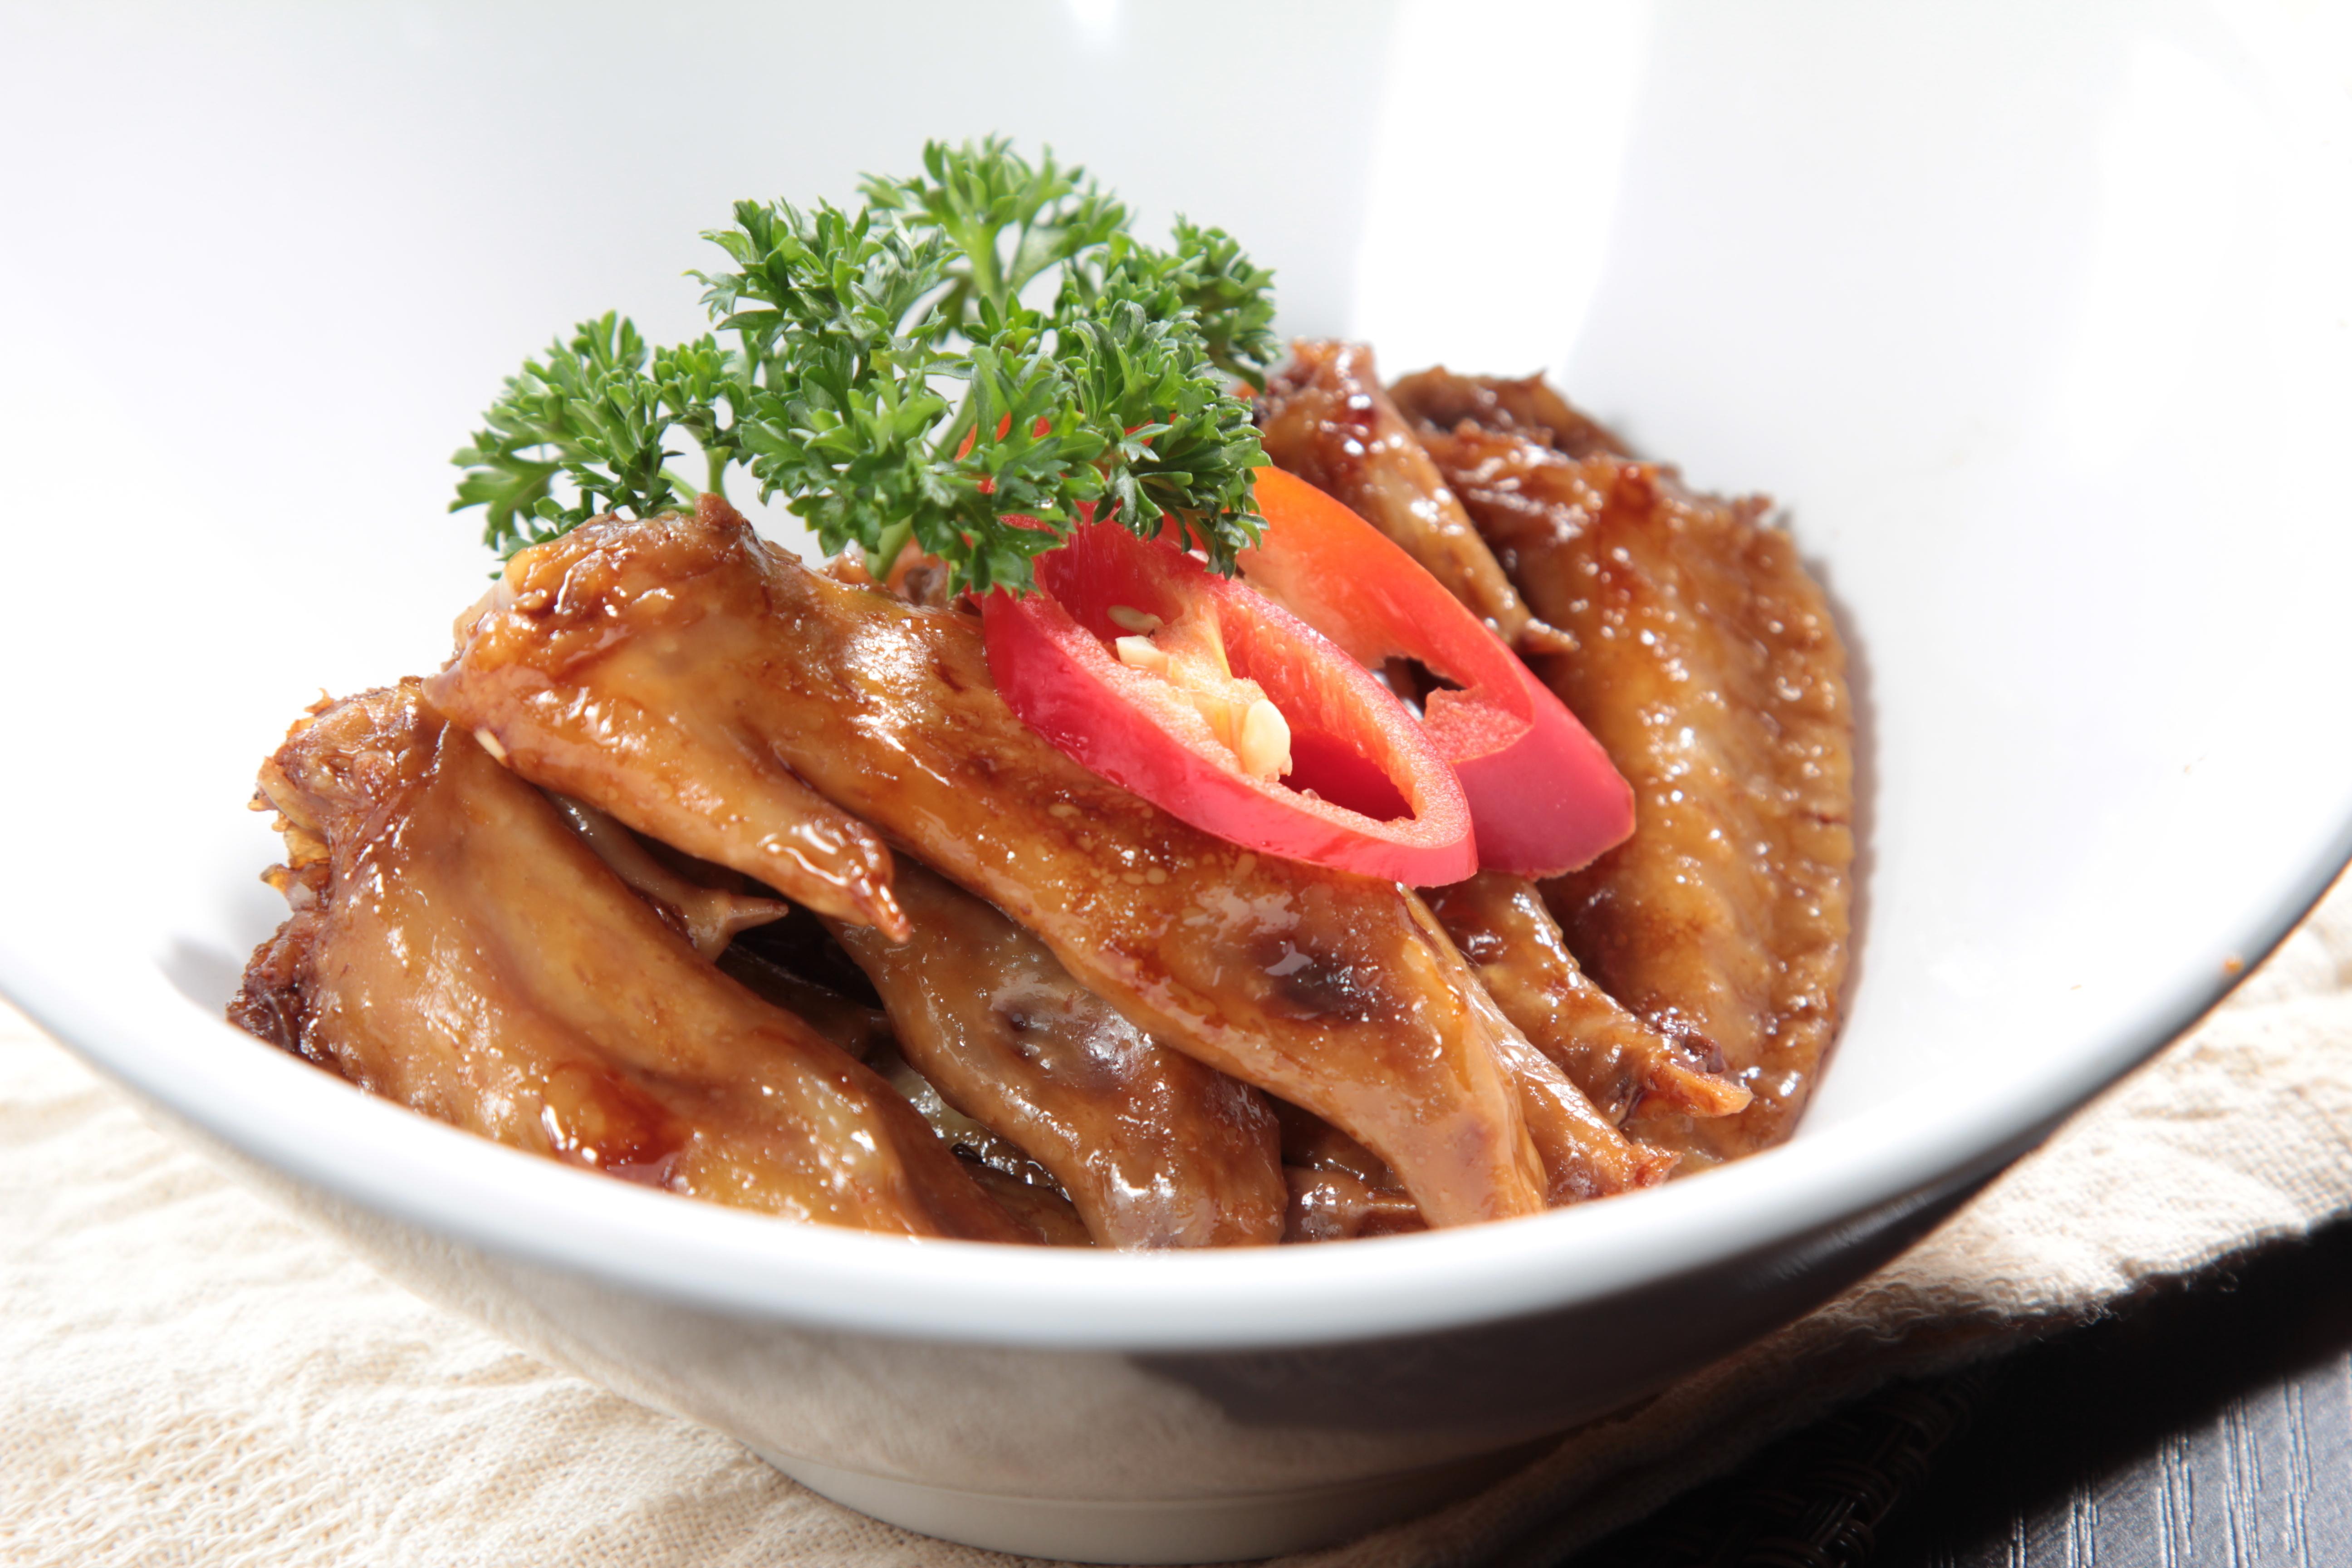 Dish of braised chicken with garnish.